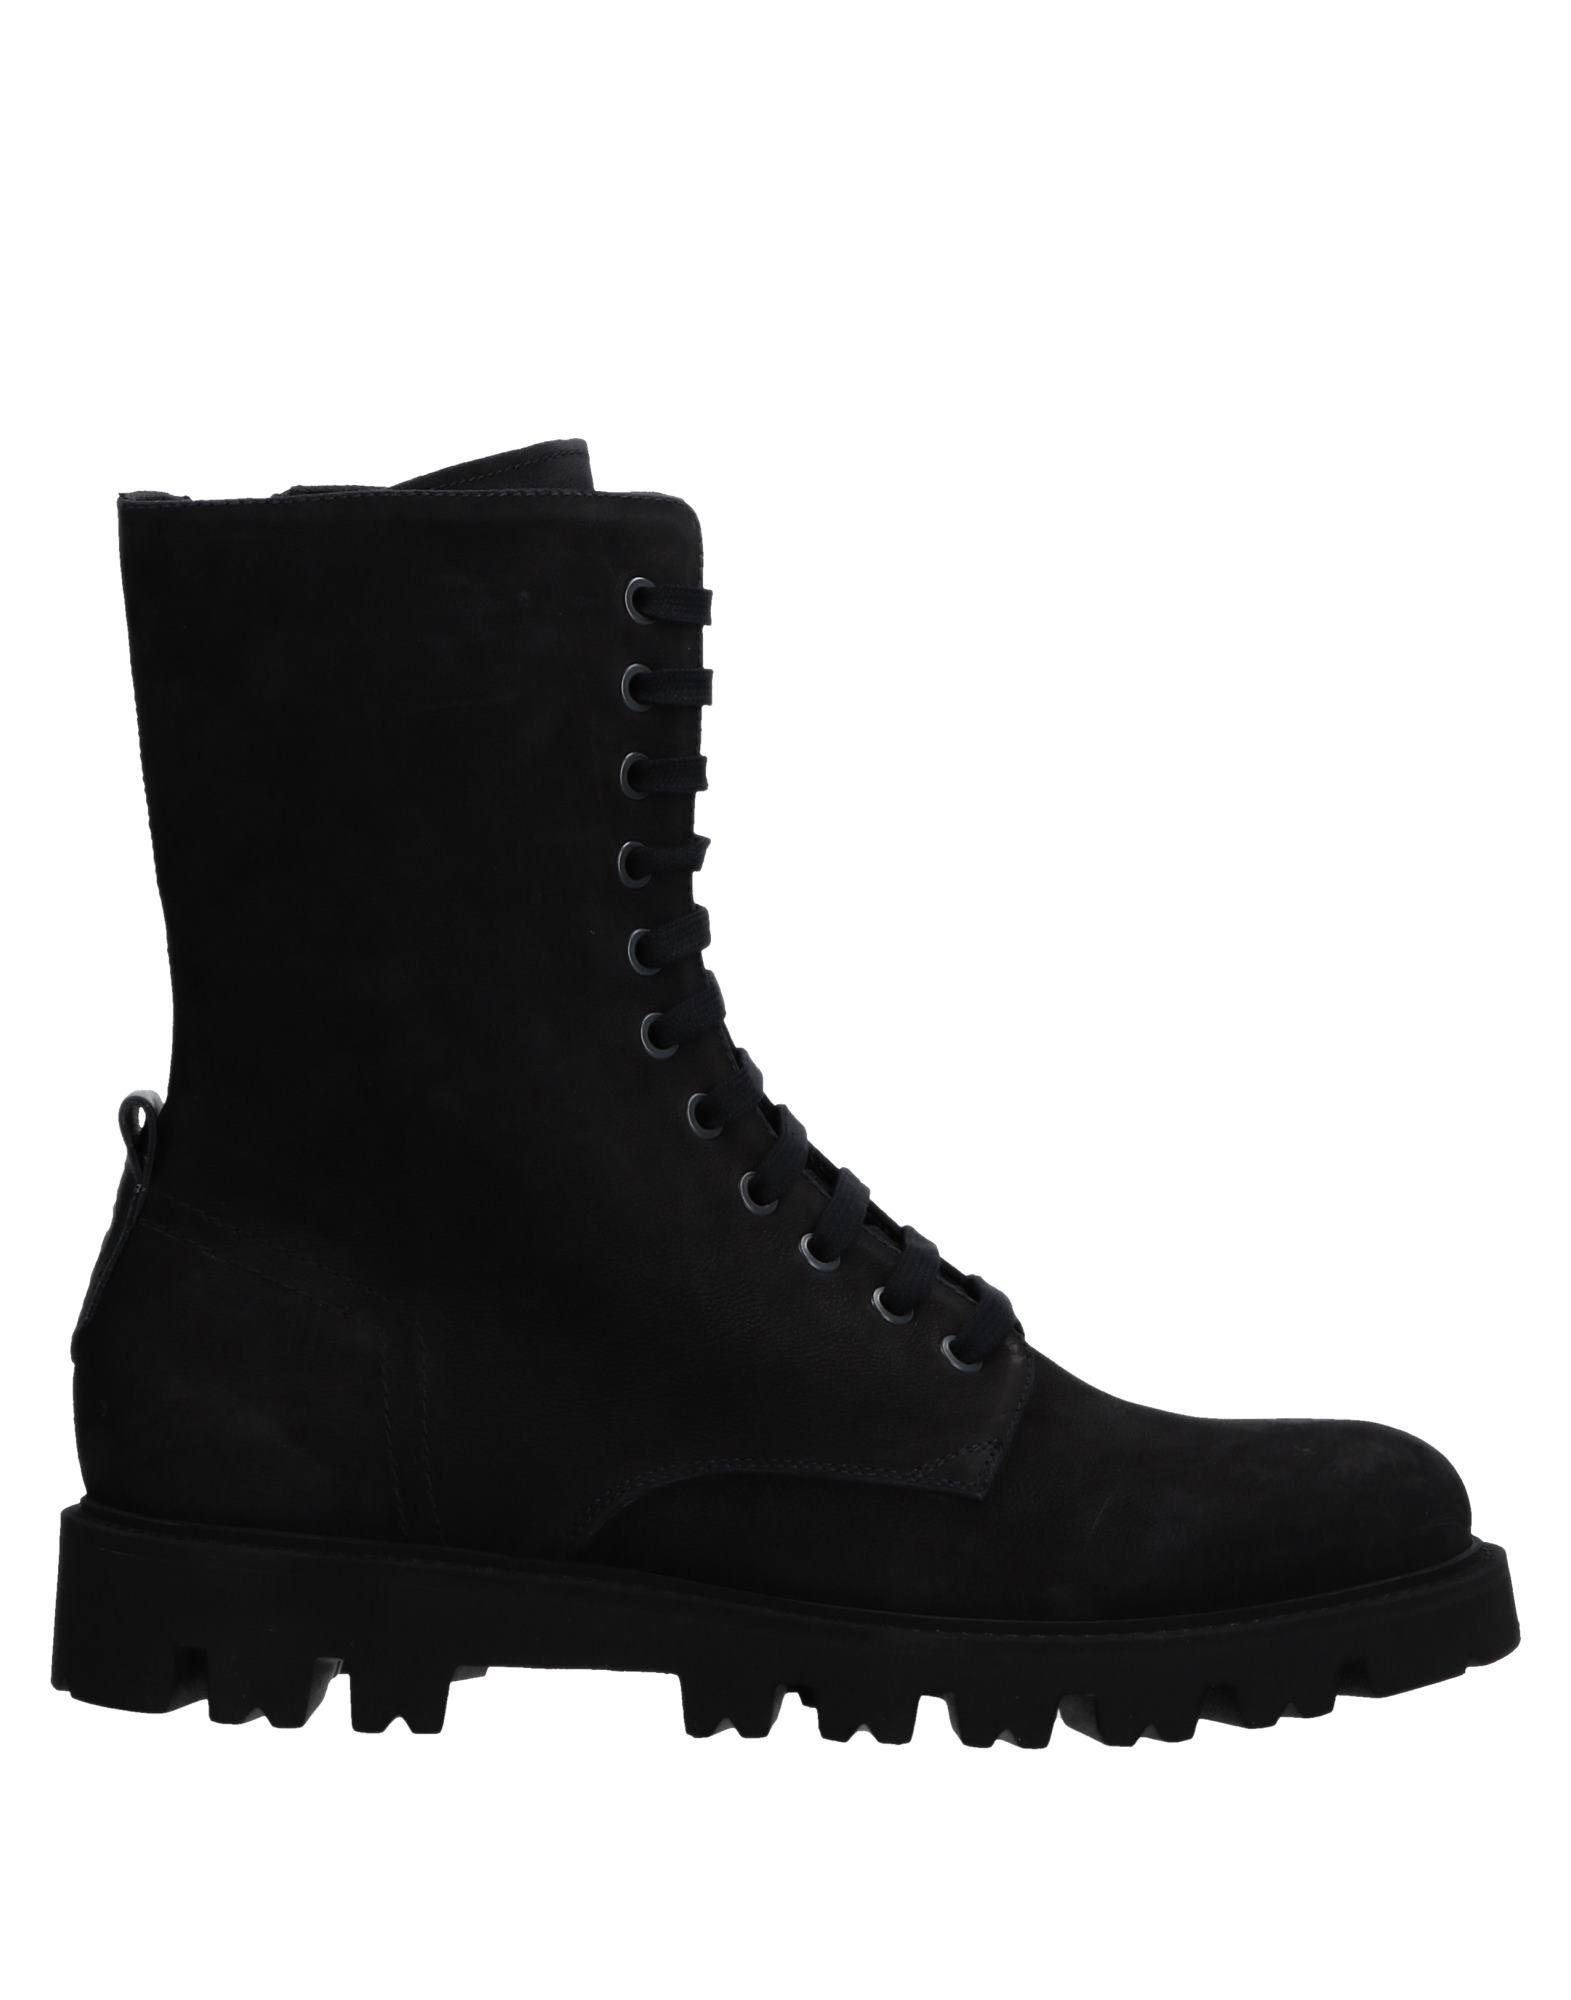 Bruno Bordese Stiefelette Herren  11527224JL Gute Qualität beliebte Schuhe